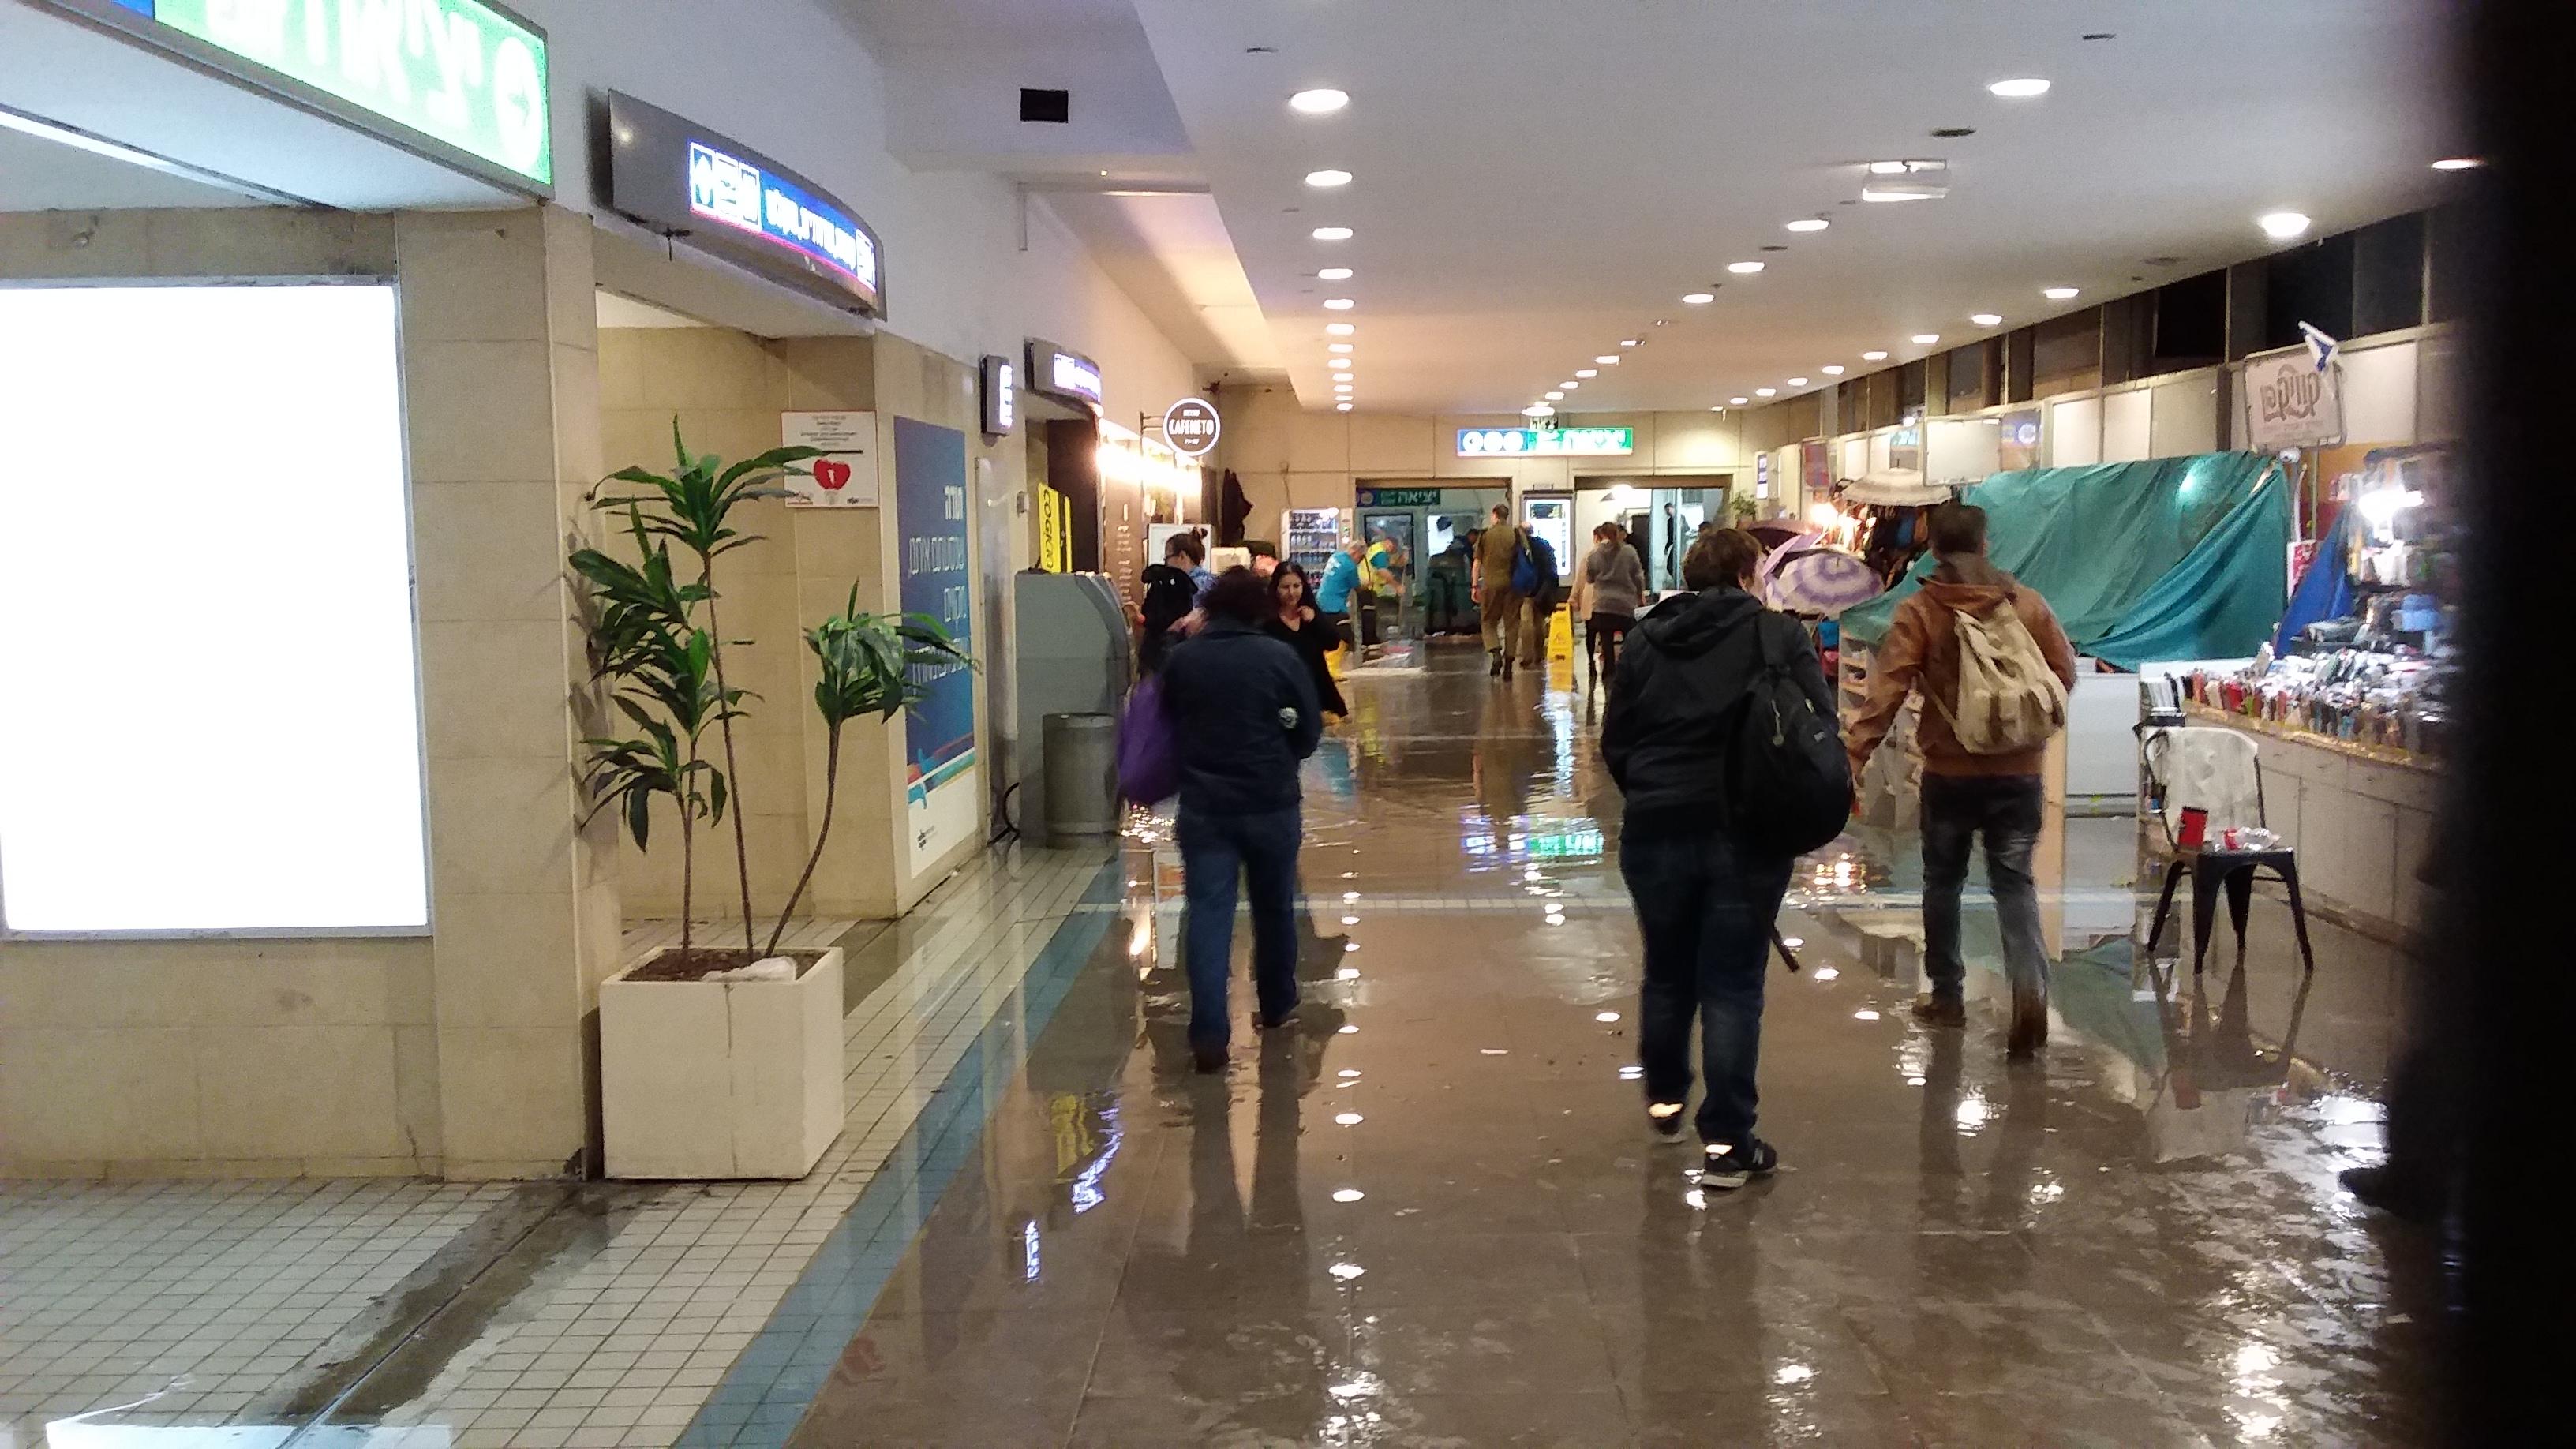 Центральный железнодорожный полустанок в Тель-Авиве. Дождь.